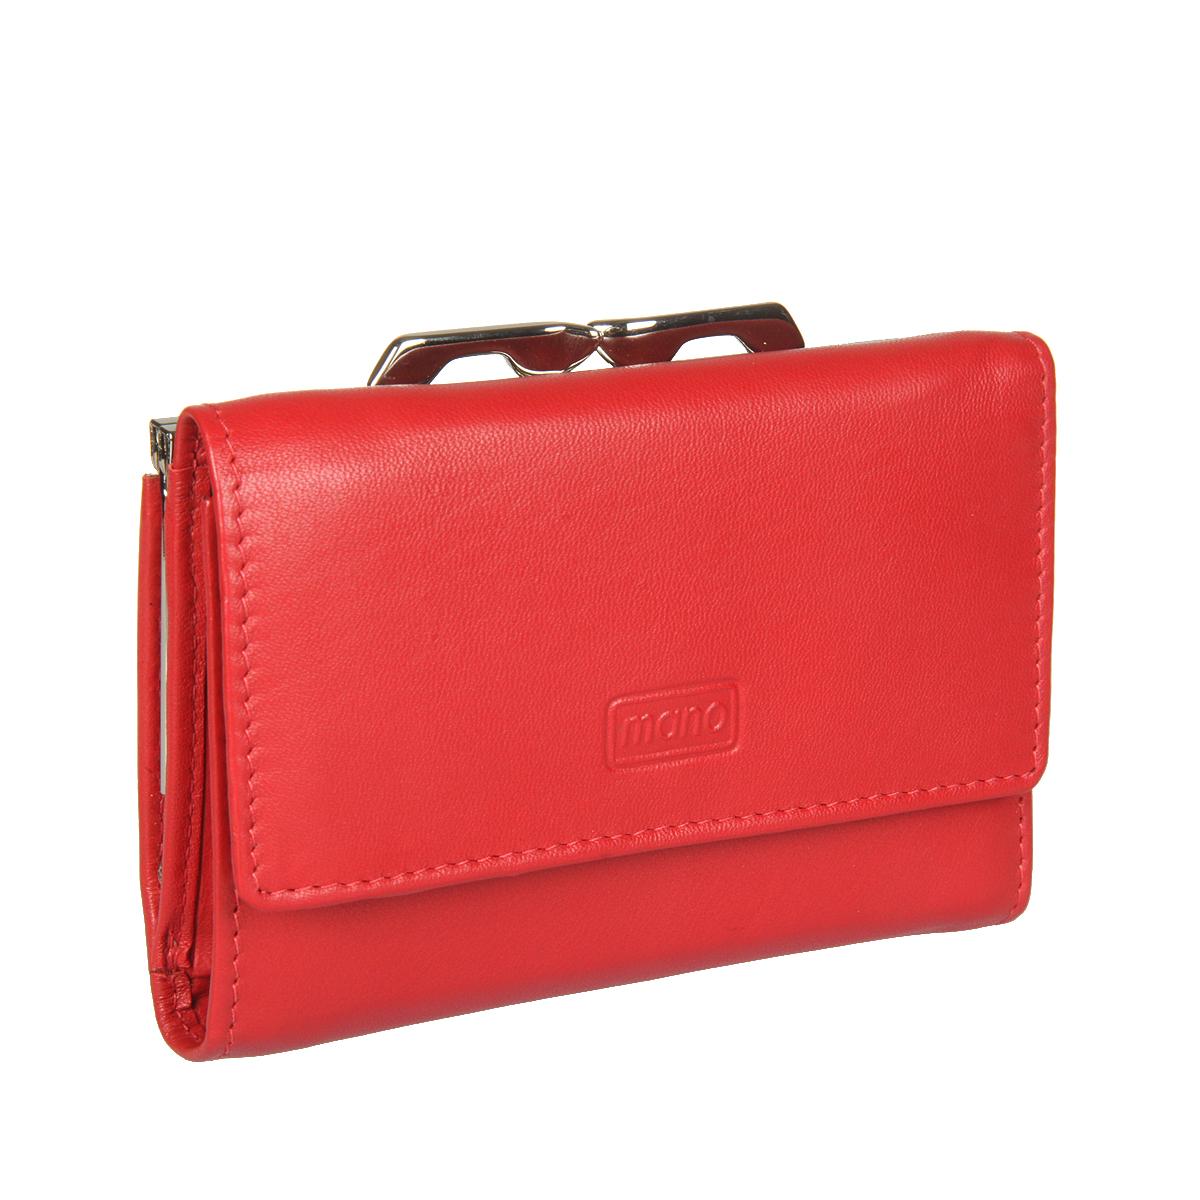 Кошелек женский Mano, цвет: красный. 13423 red13423 redзакрывается клапаном на кнопке внутри два отделения для купюр два потайных кармашка четыре кармана для пластиковых карт снаружи отделение для мелочи на рамочном замке